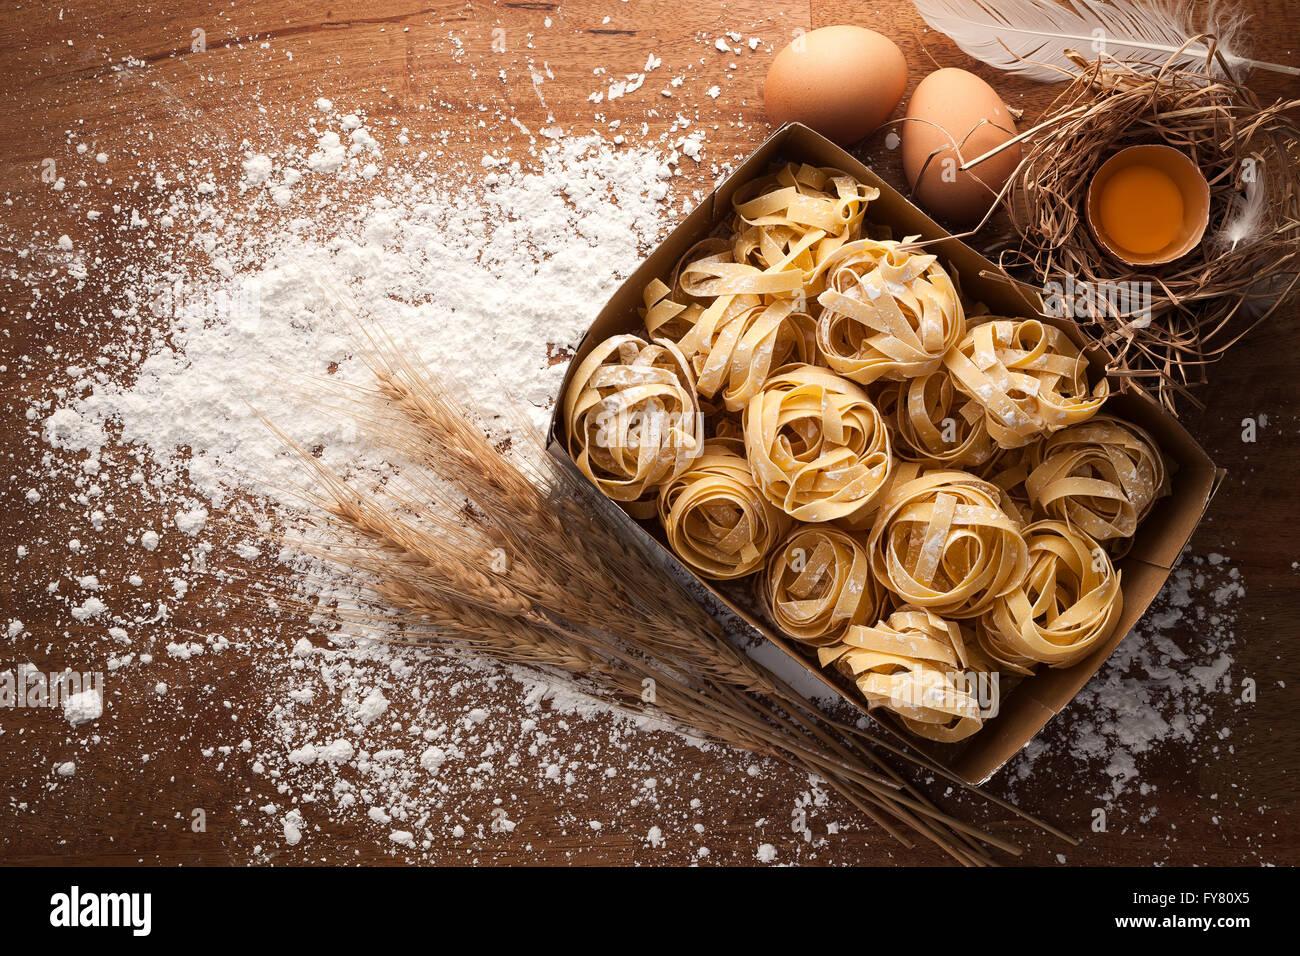 Fettuccine cibo italiano ancora vita rustica laici piatto Sfondo legno tagliatelle alfredo tuorlo Immagini Stock